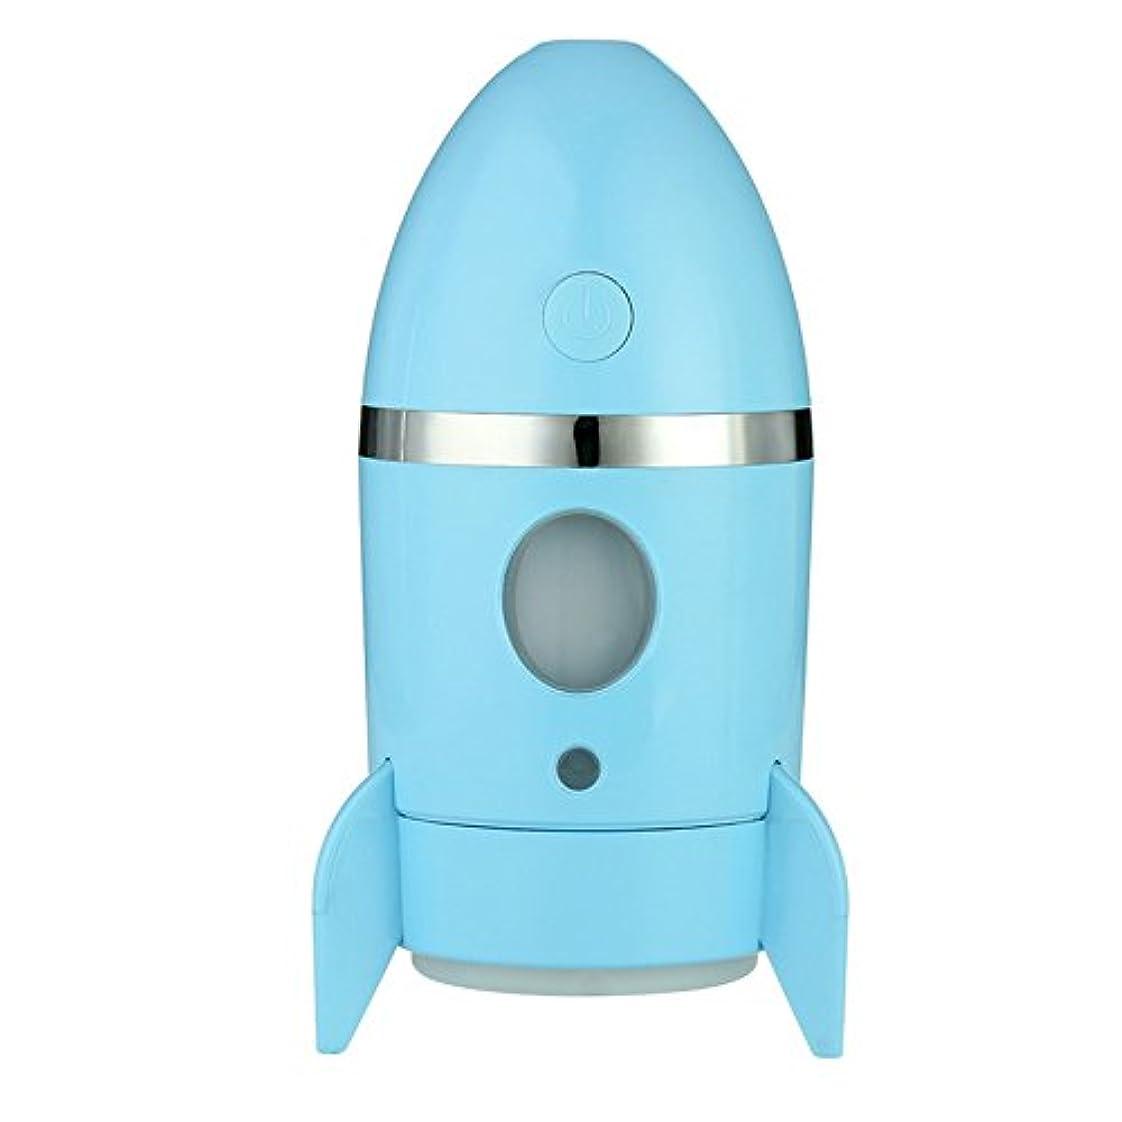 タヒチおしゃれじゃないスイッチLazayyii USBミニ加湿器 超音波 エッセンシャルオイル ミスト (ブルー)